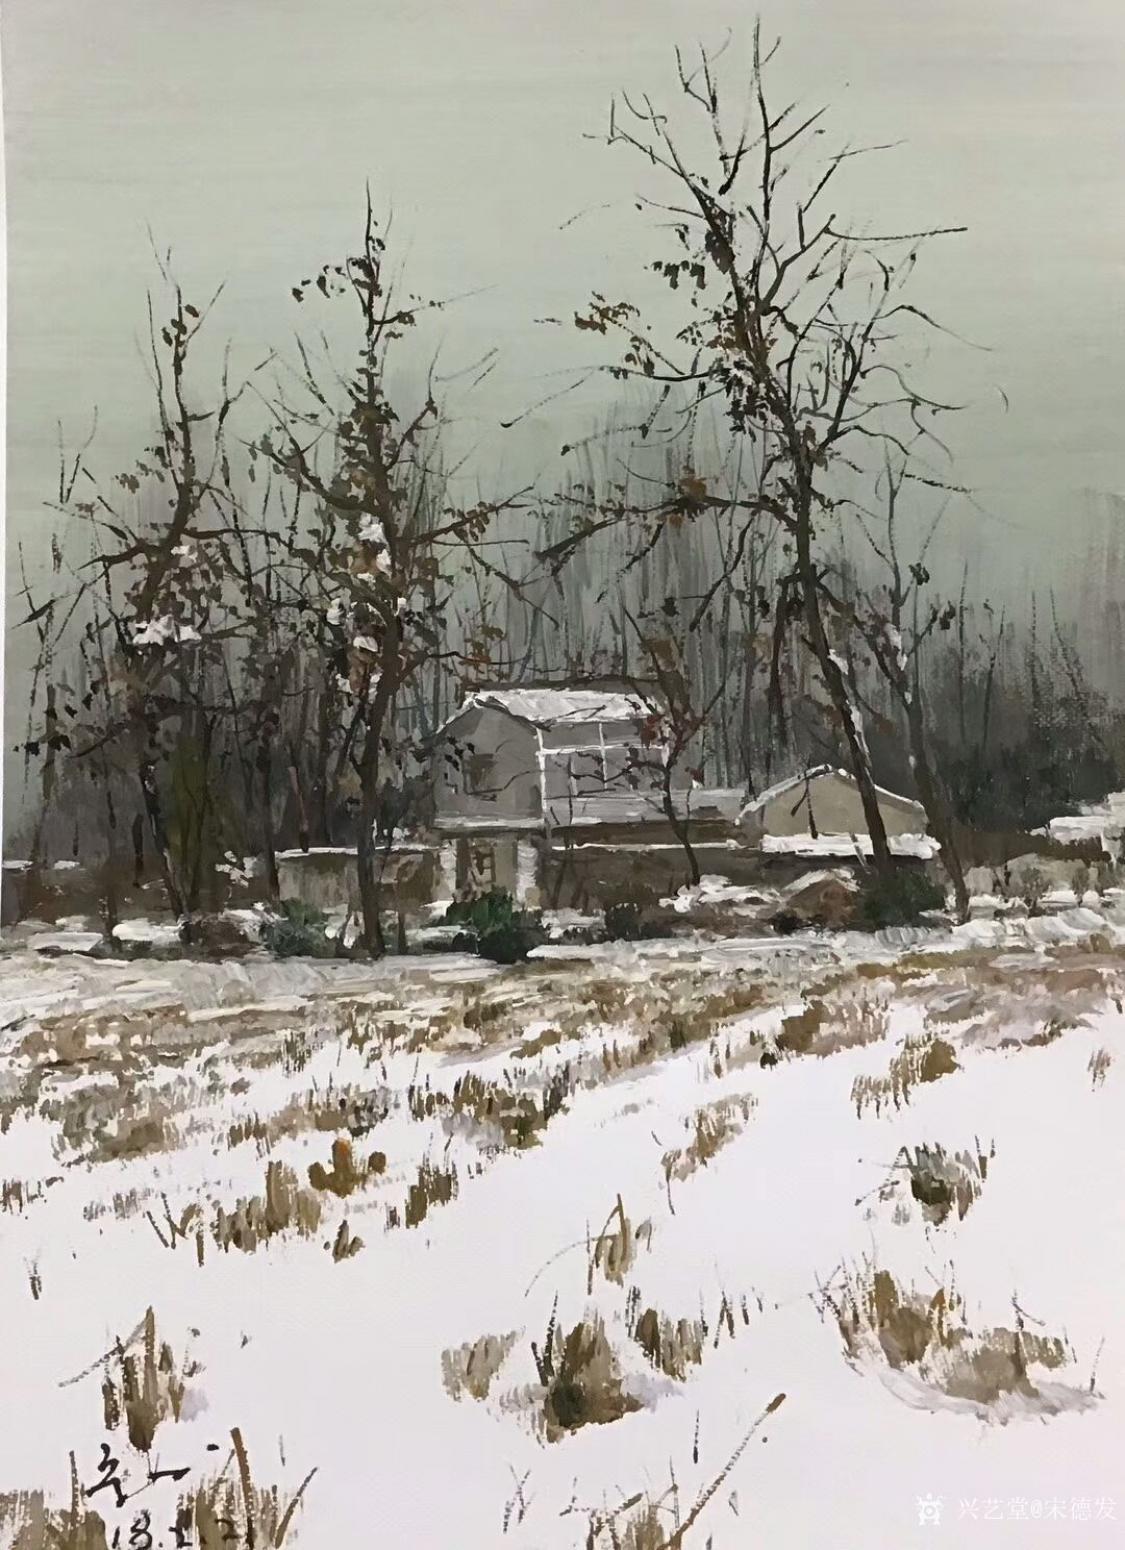 宋德发油画作品《雪原小屋》